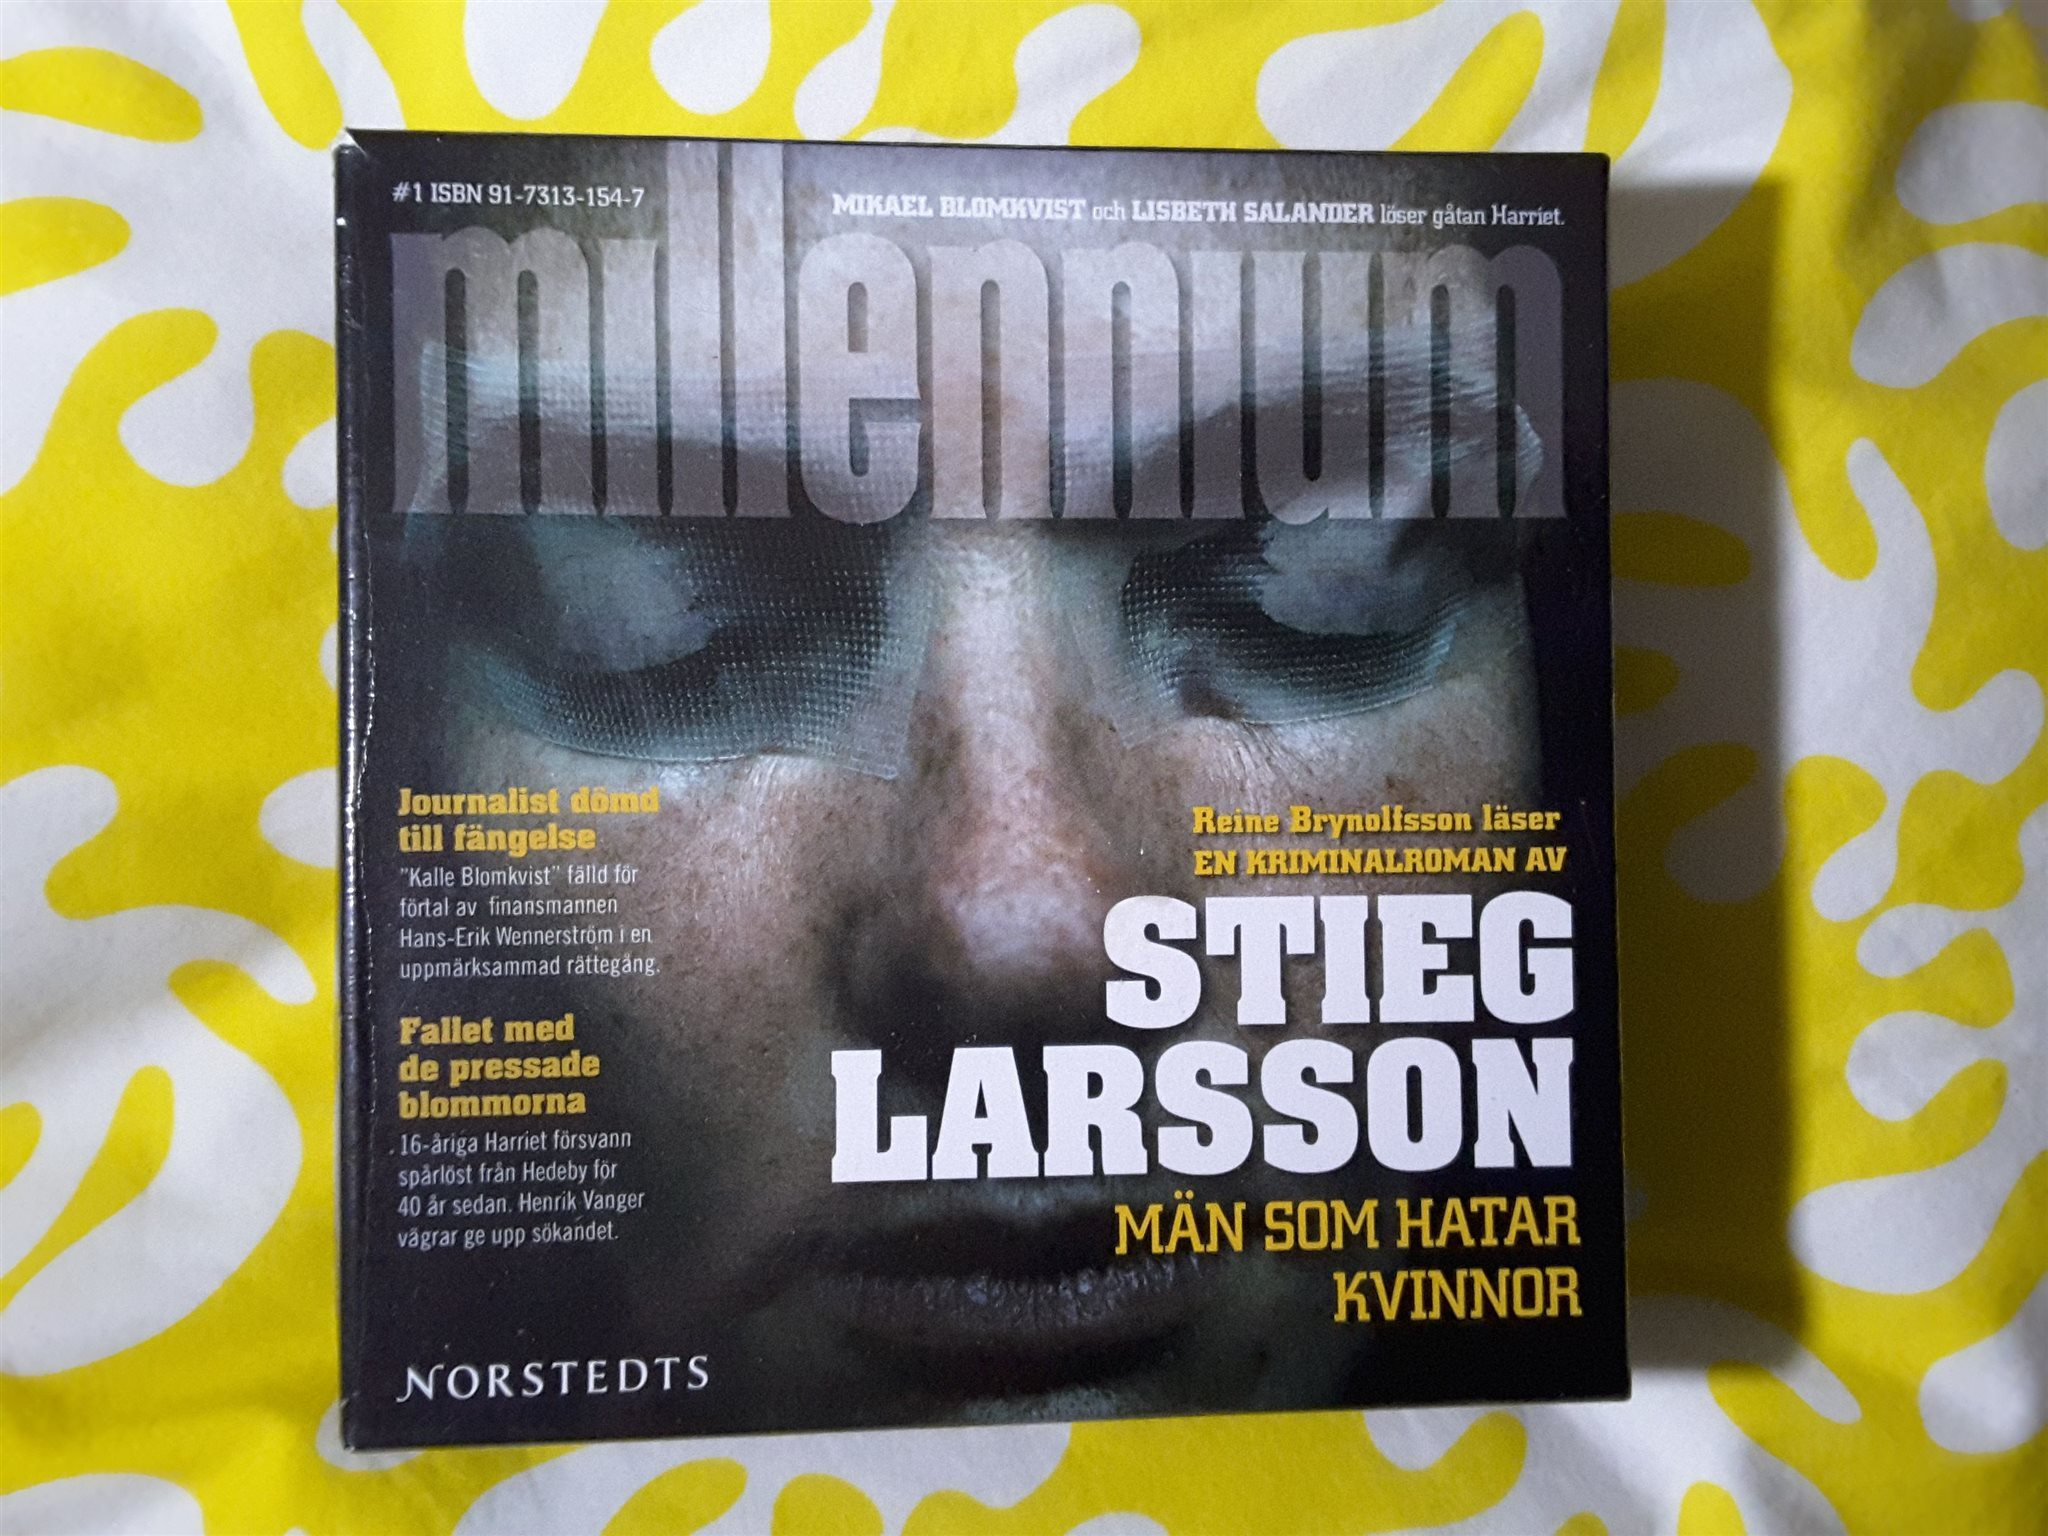 julklapp kvinna 40 år Ljudbok Steig Larsson   Män som hatar kvinnor  .. (319817498) ᐈ  julklapp kvinna 40 år